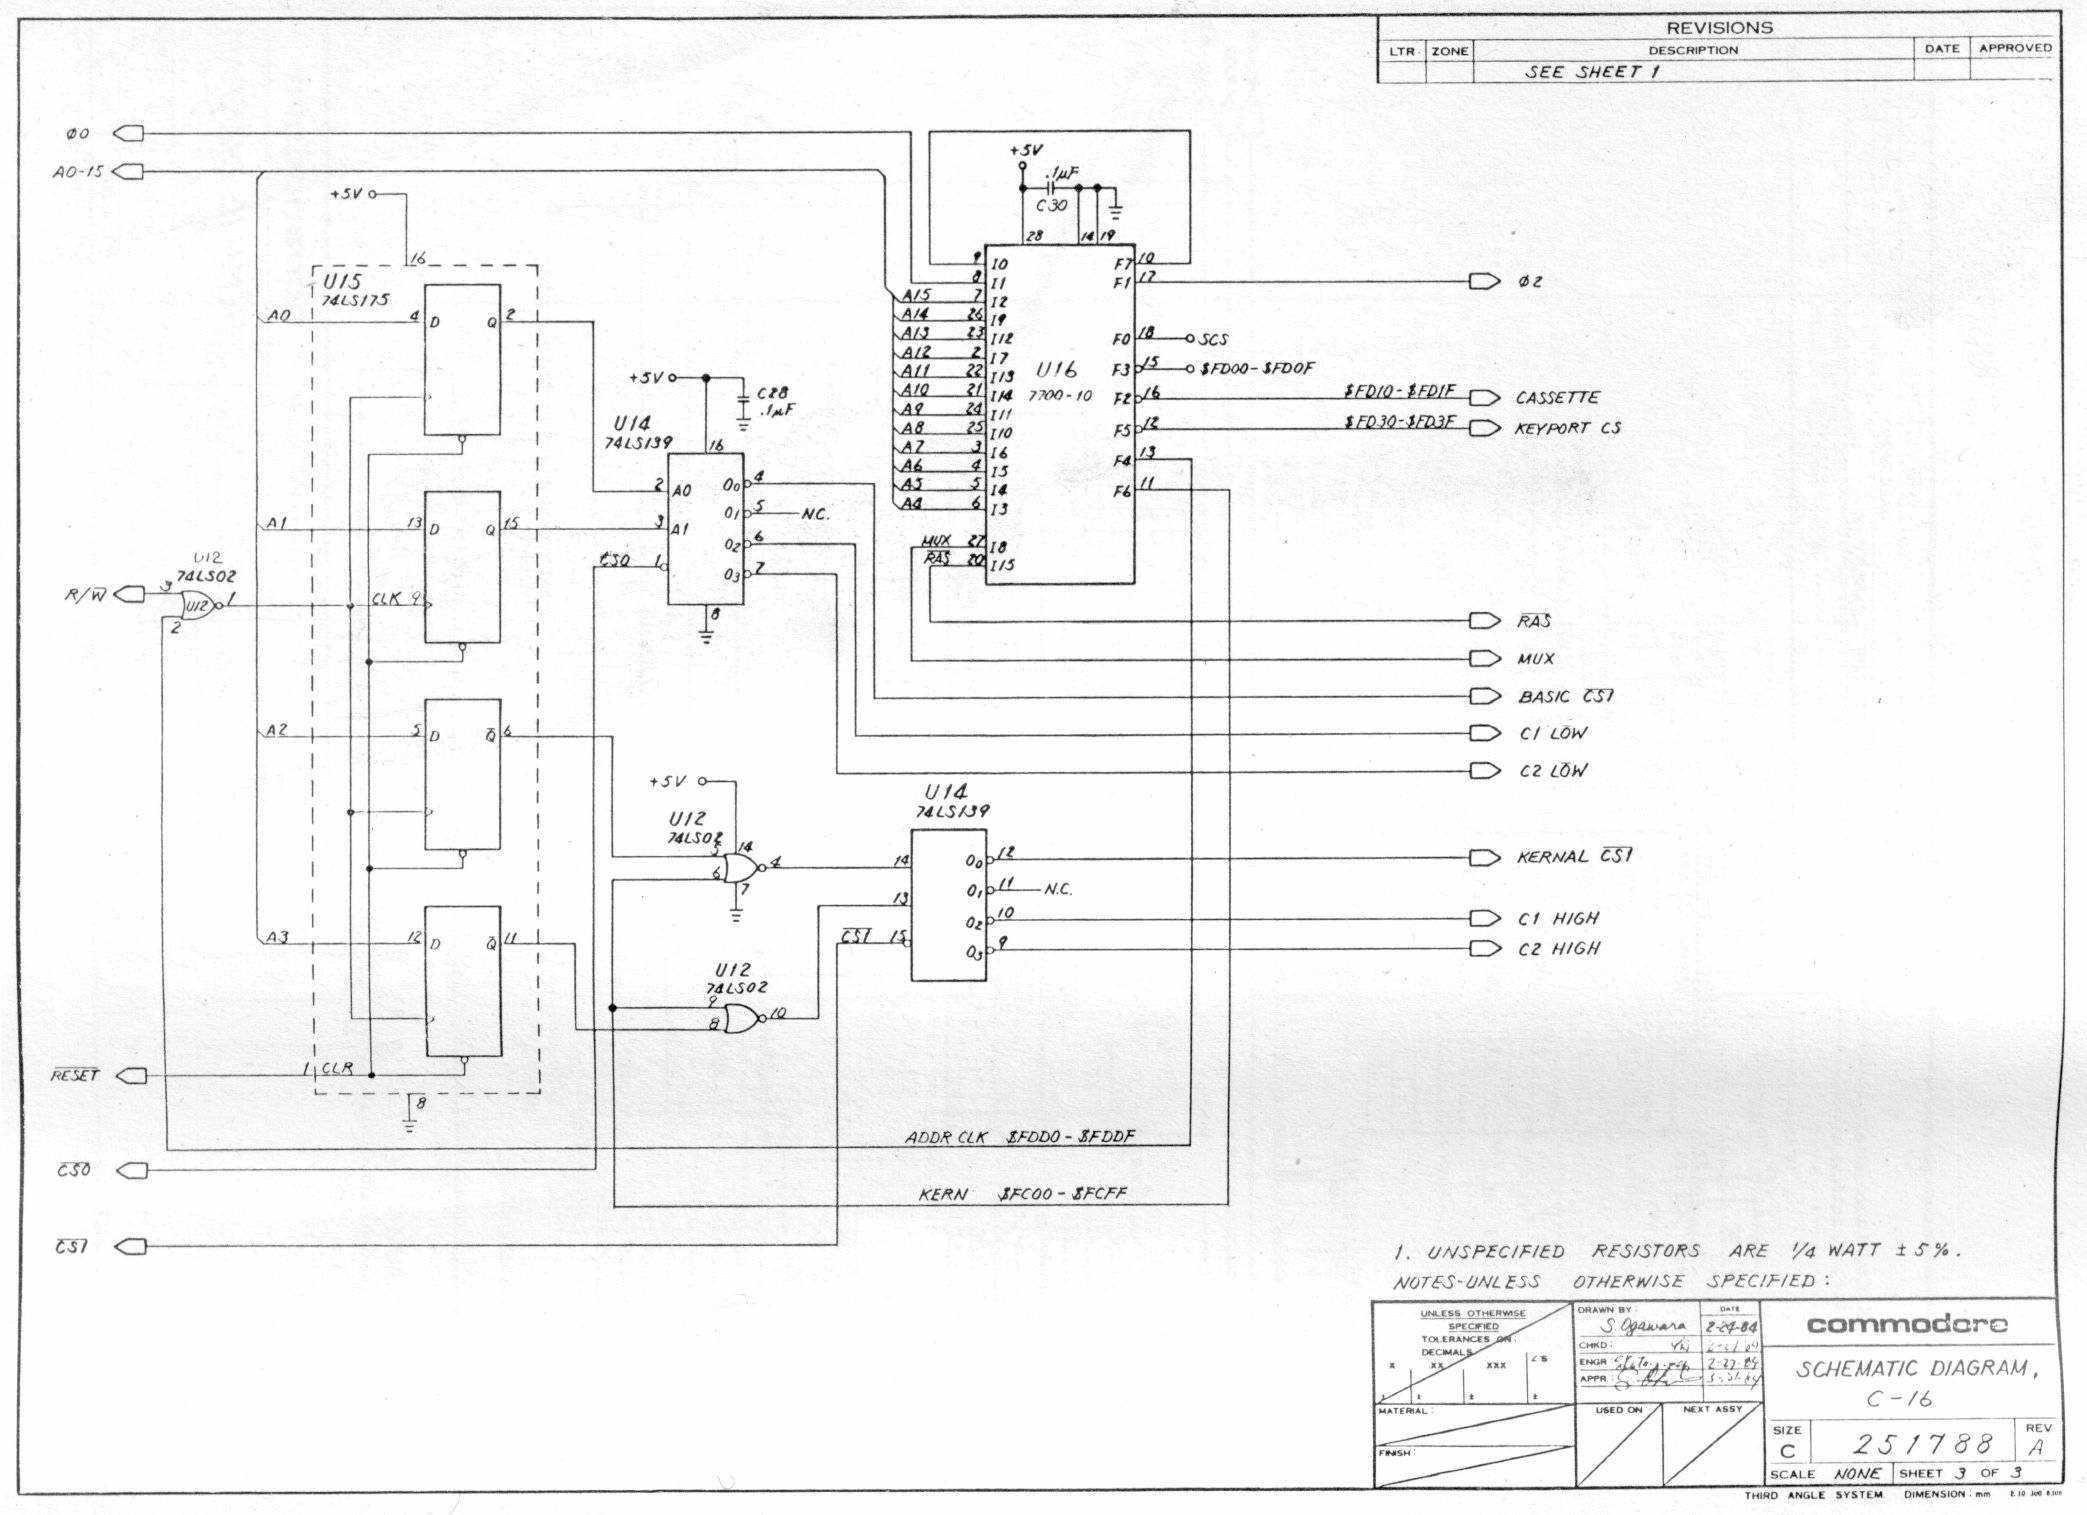 Schemi Elettrici Notebook : Schemi elettrici